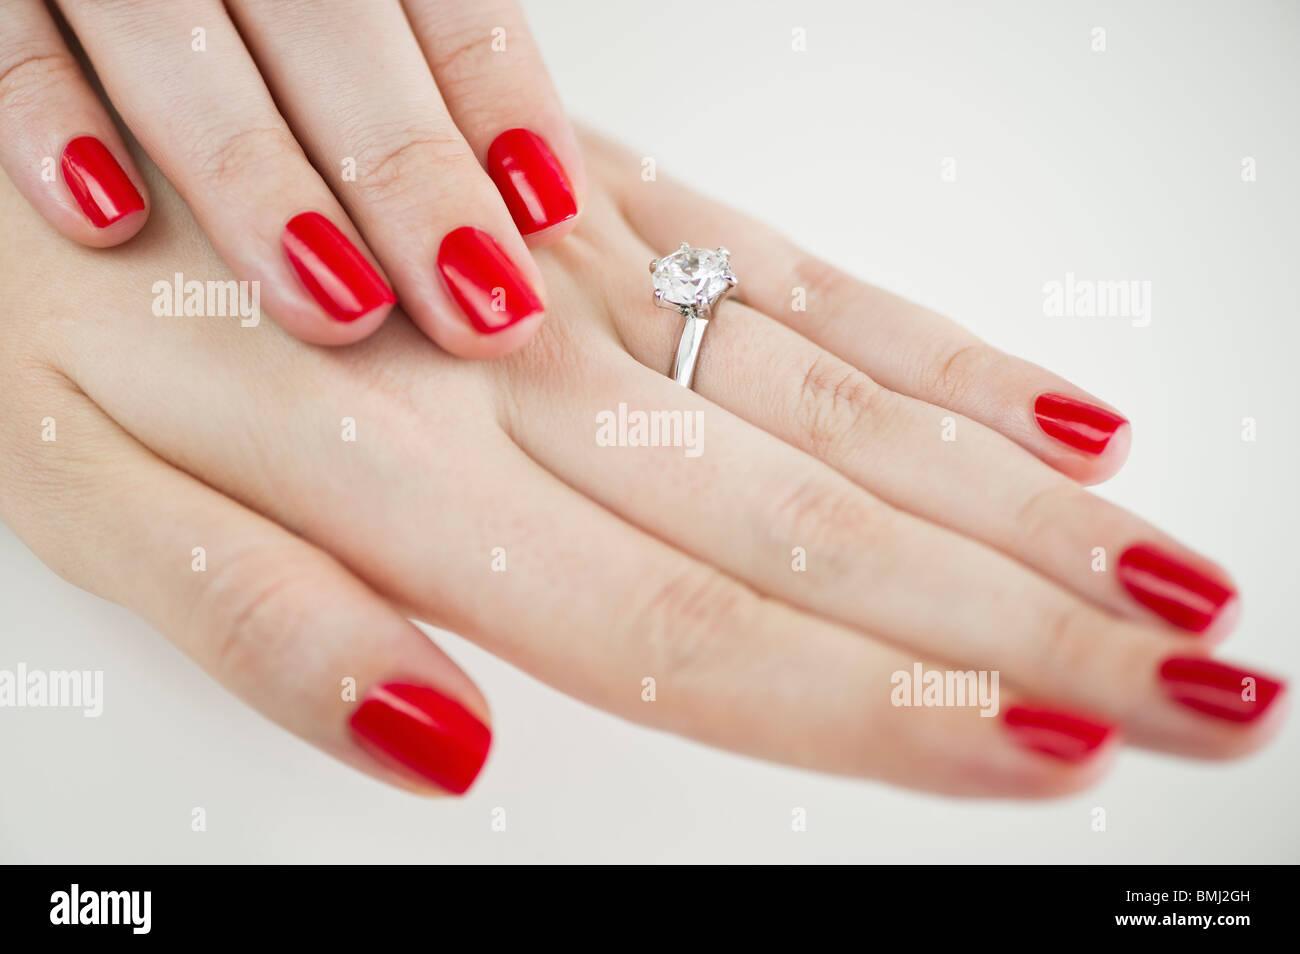 Diamant-Verlobungsring auf Hände mit rotem Nagellack Stockfoto, Bild ...